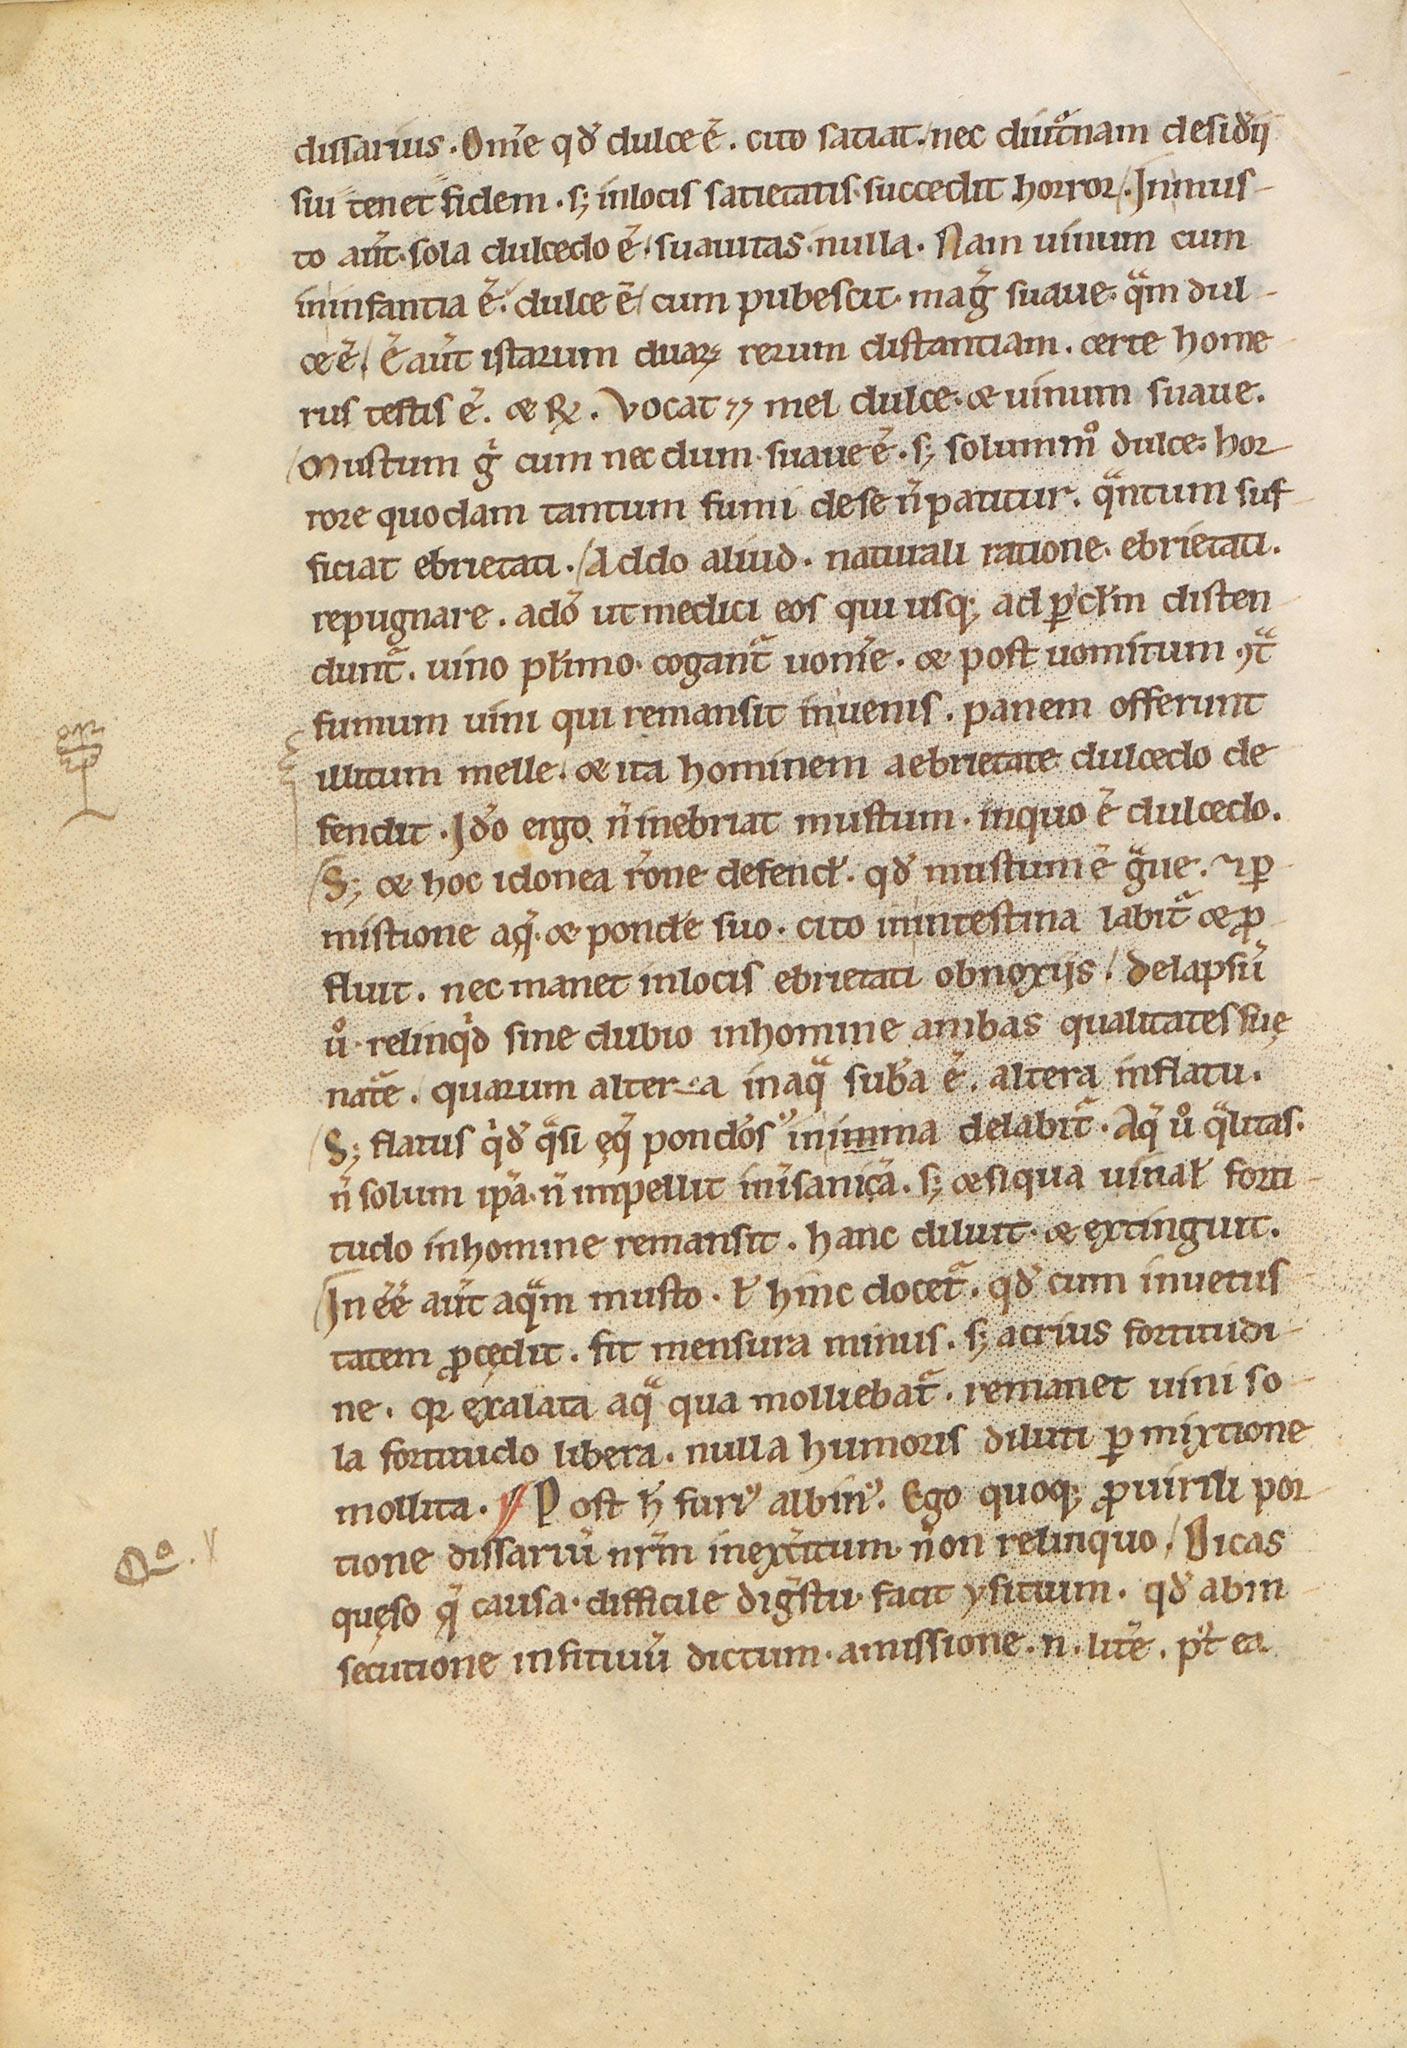 Manuscrit-Saturnales-115v°